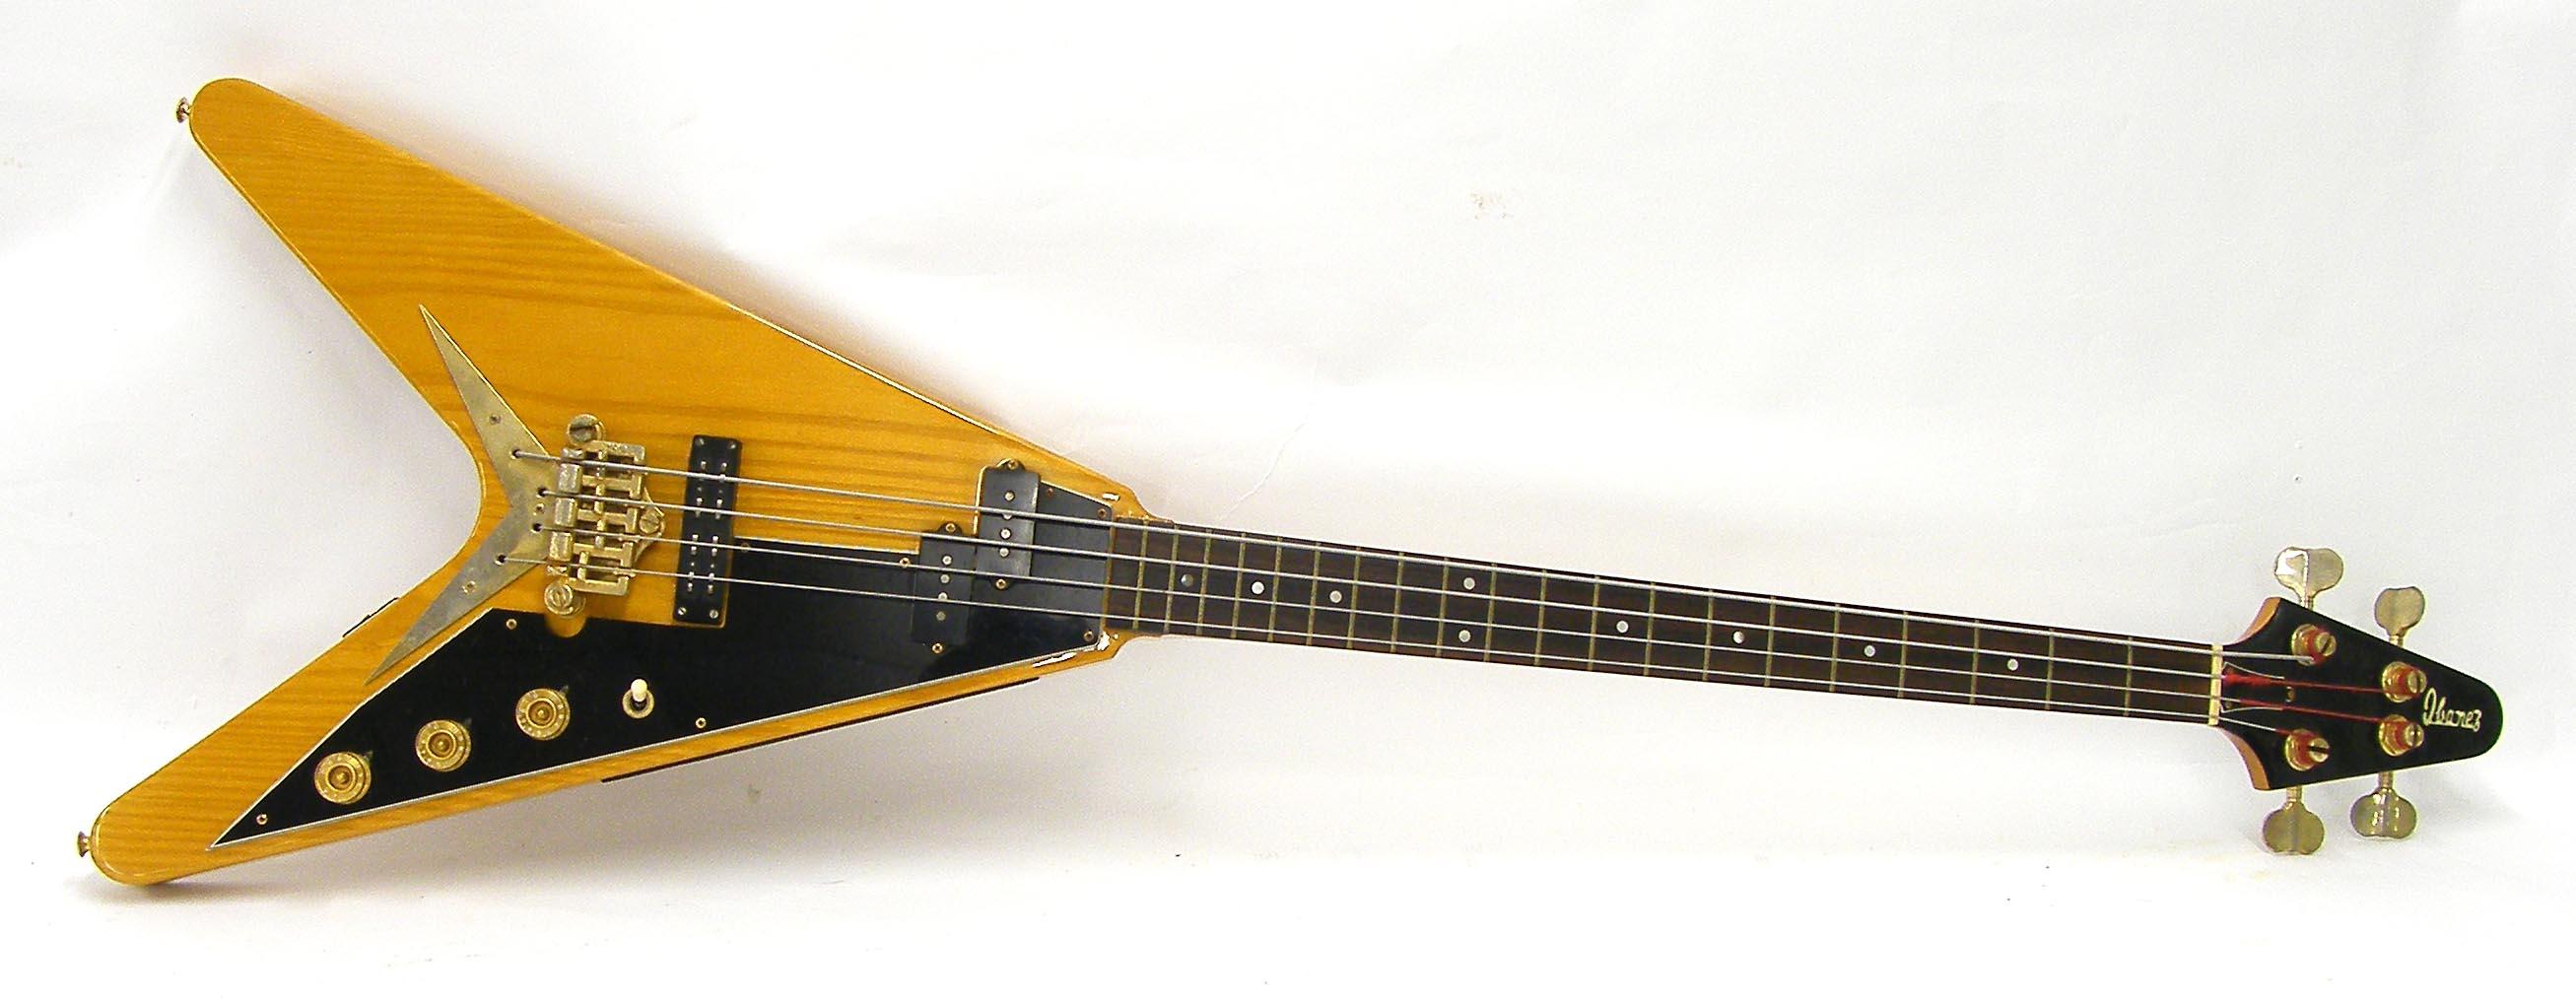 ibanez rocket roll flying v bass guitar made in japan circa 1976 ser no j765456 20 fret ros. Black Bedroom Furniture Sets. Home Design Ideas